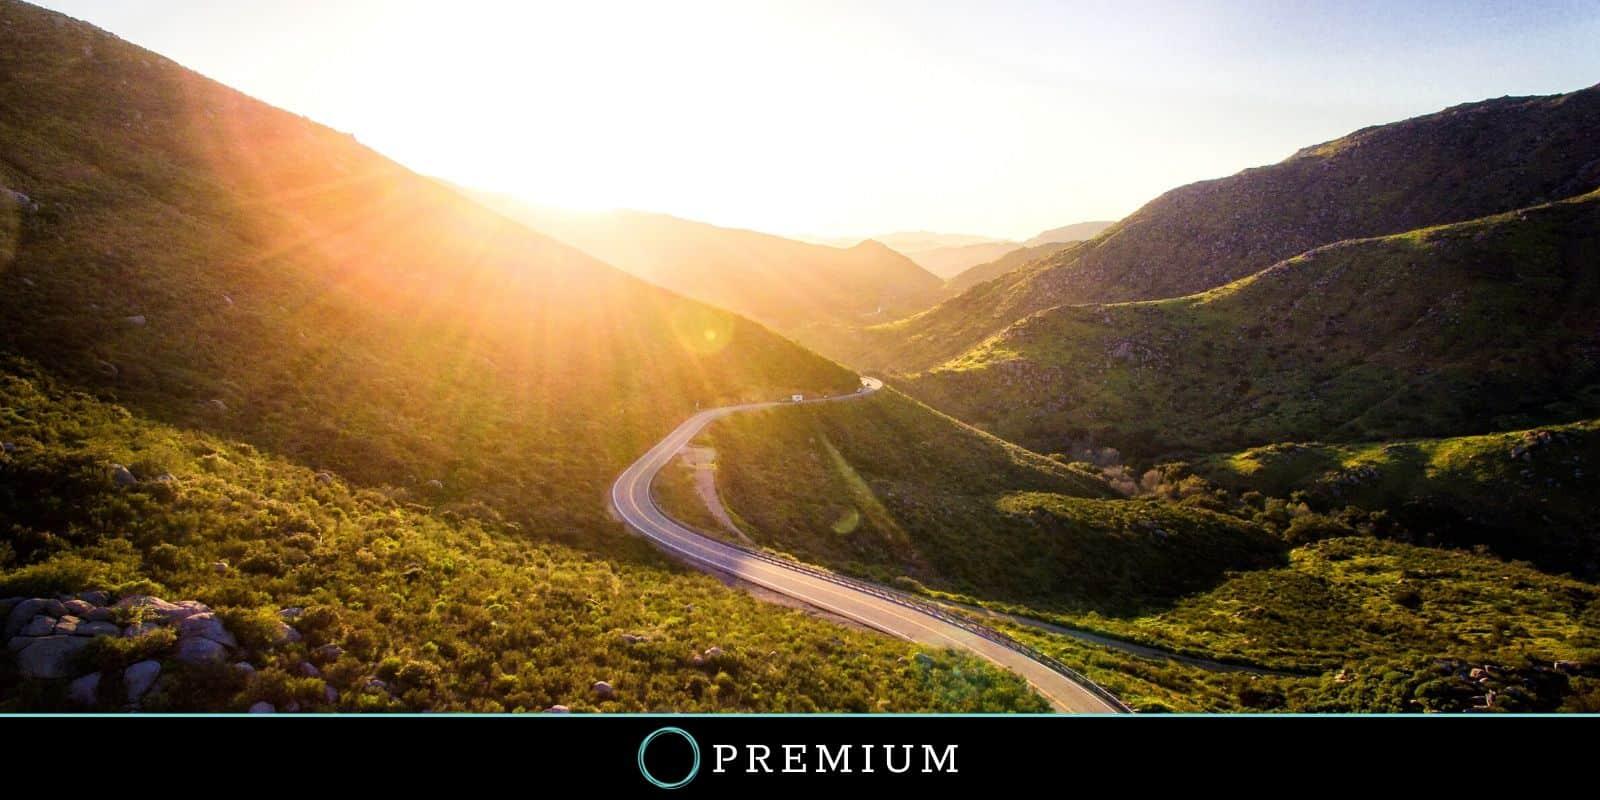 Sloww Life Purpose Eckhart Tolle Rick Warren Premium